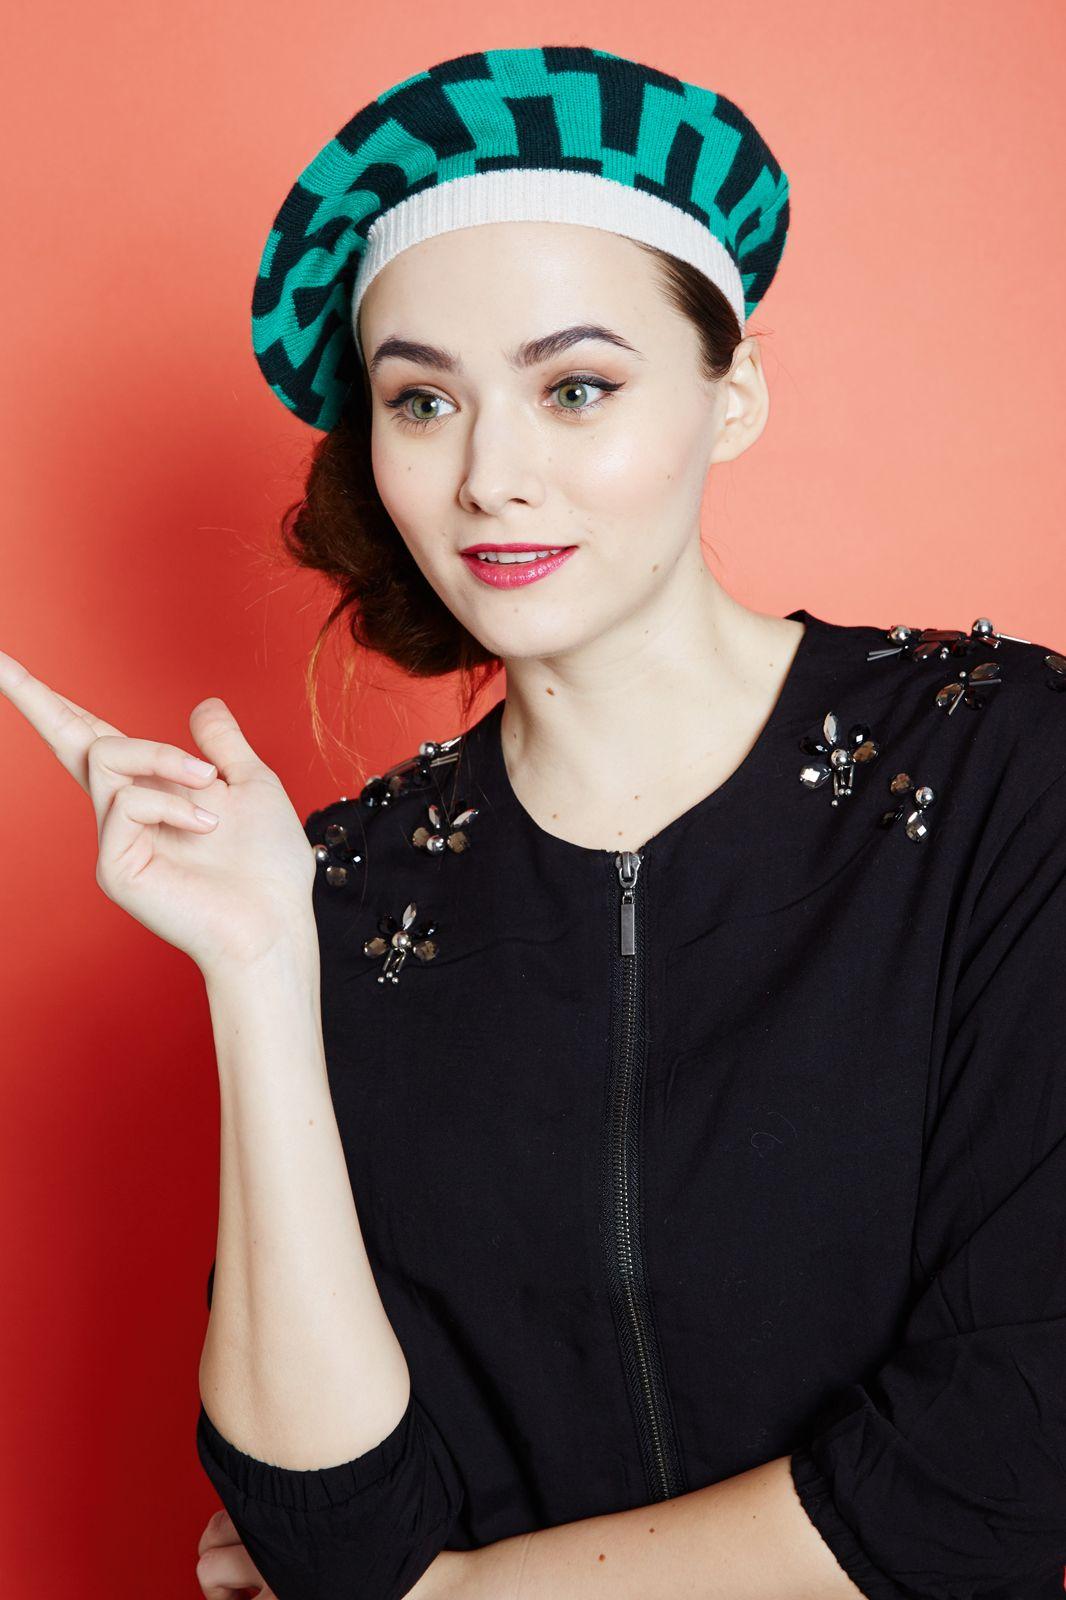 Winter Hair Care, Preventing Breakage Dry Strands Tips